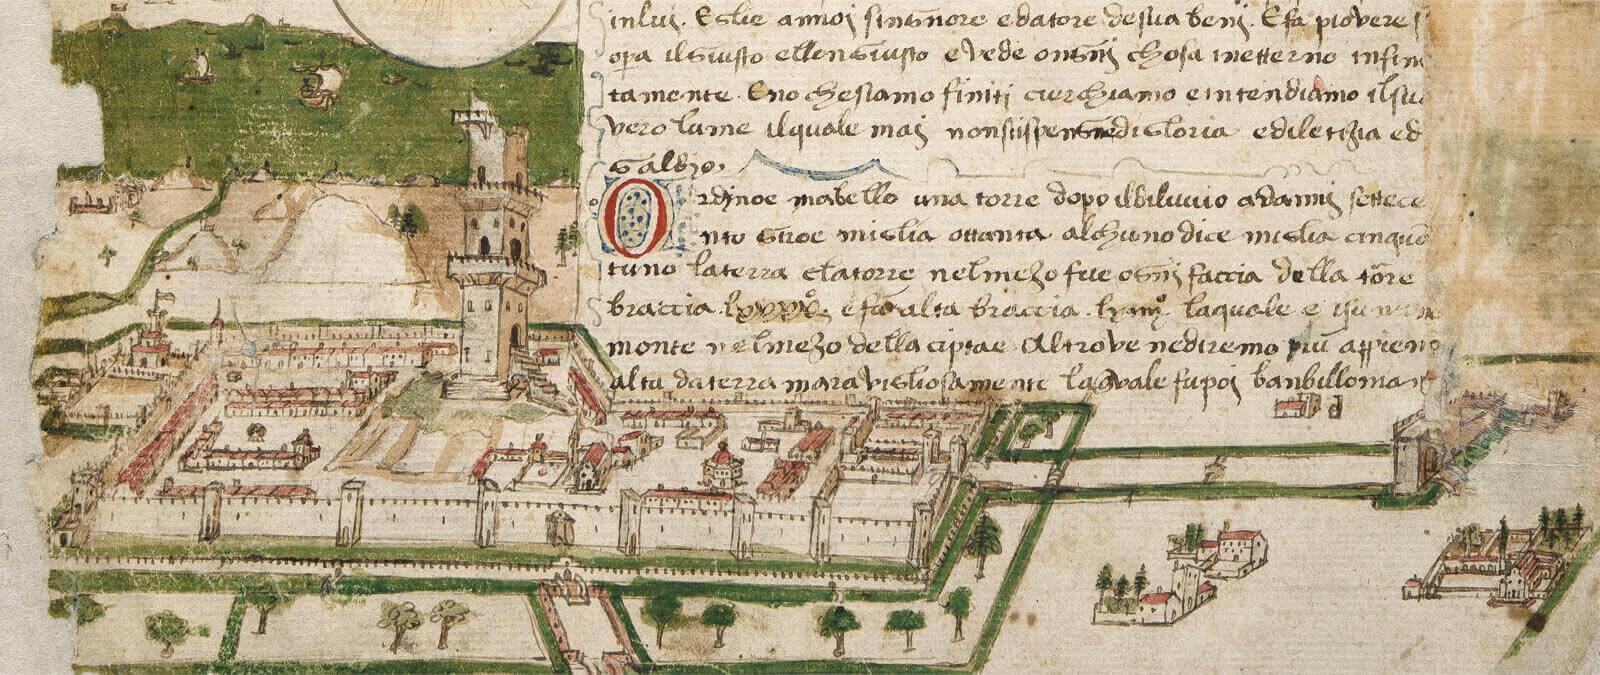 codice-rustici-facsimile-olschki-editore-firenze-rappresentazione-babilonia